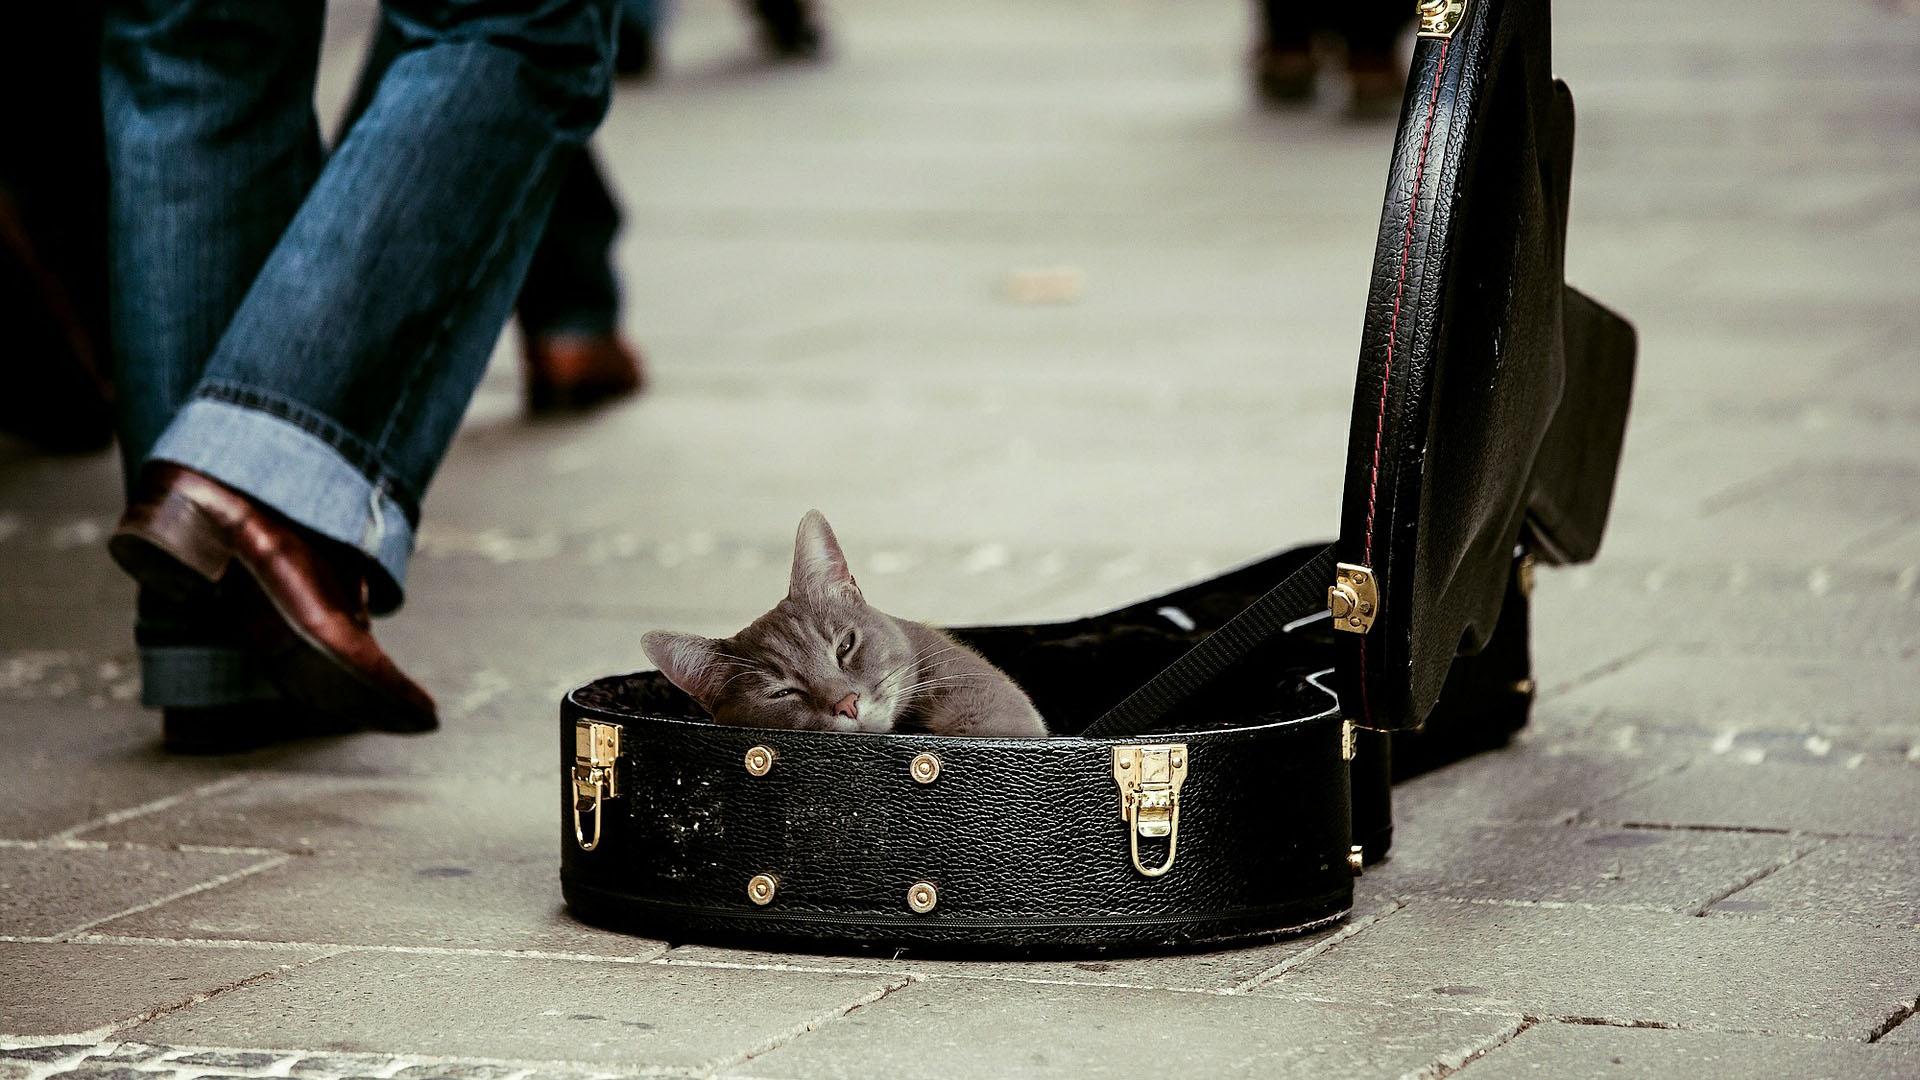 Chcete si pořídit domácí kočku? Spočítejte si náklady